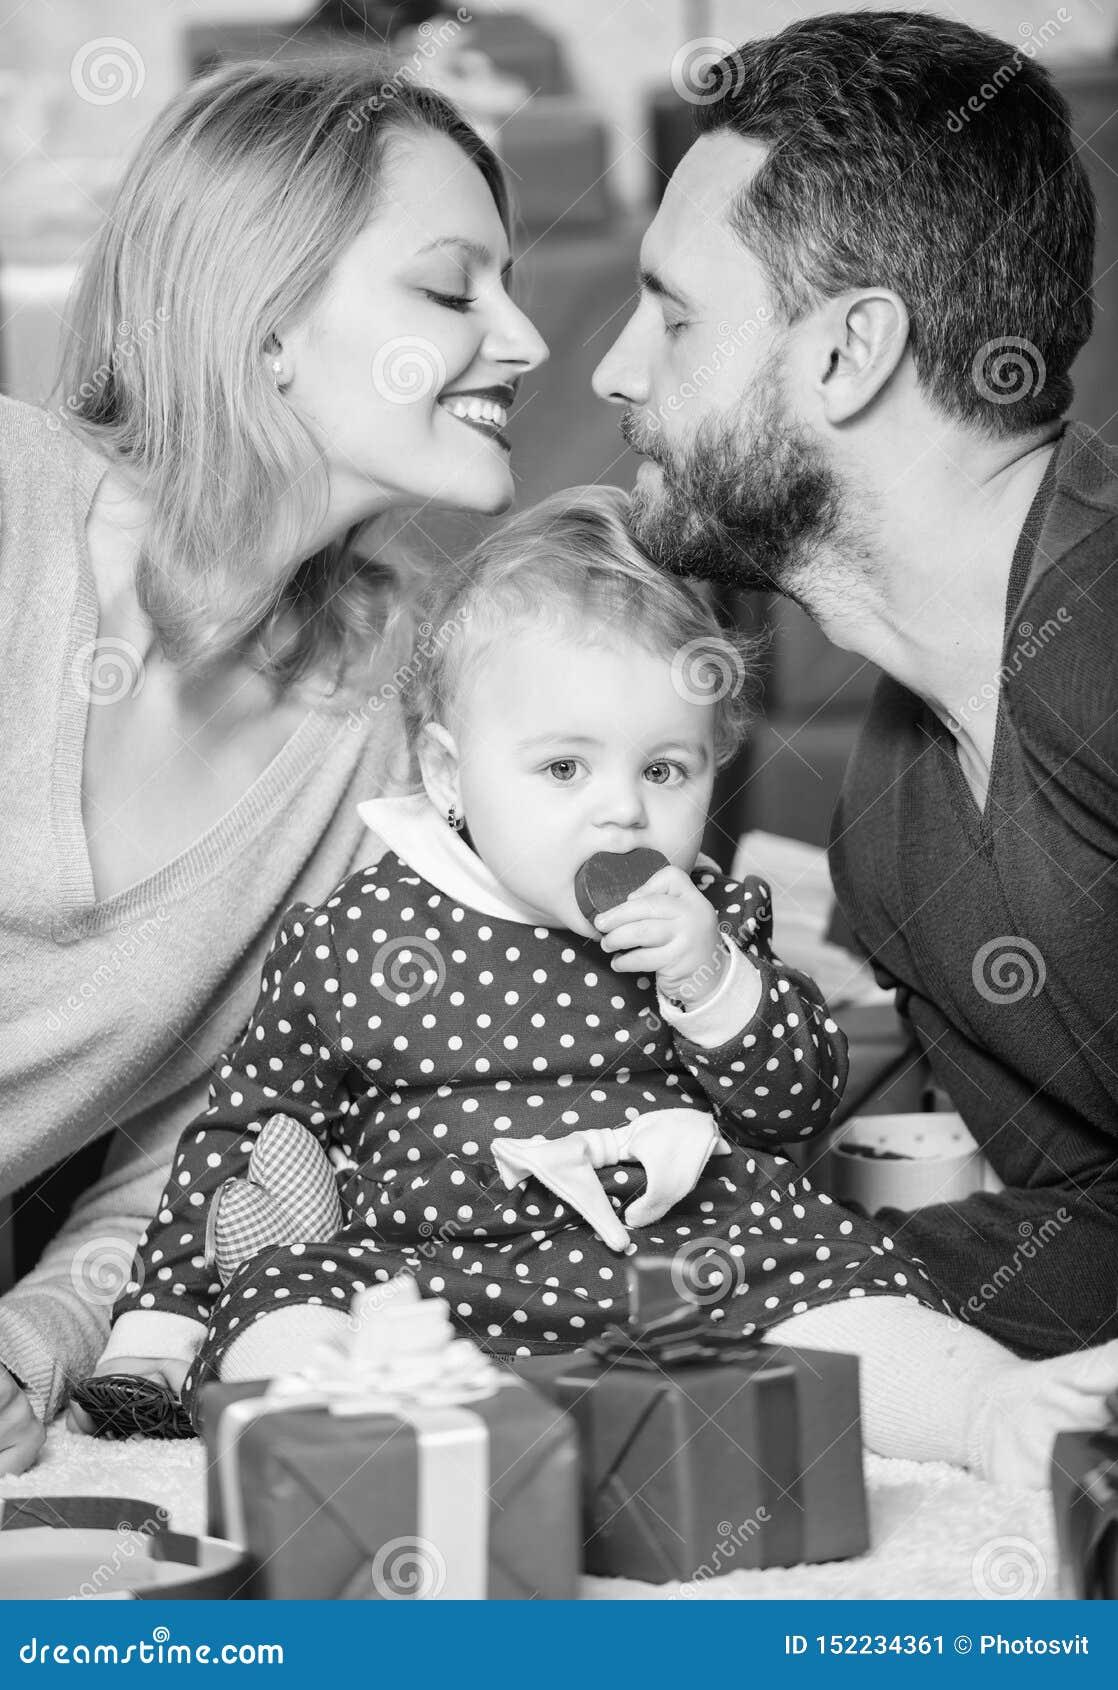 Αγάπη και εμπιστοσύνη στην οικογένεια Γενειοφόροι άνδρας και γυναίκα με το μικρό κορίτσι r Ημέρα για να γιορτάσει την αγάπη τους